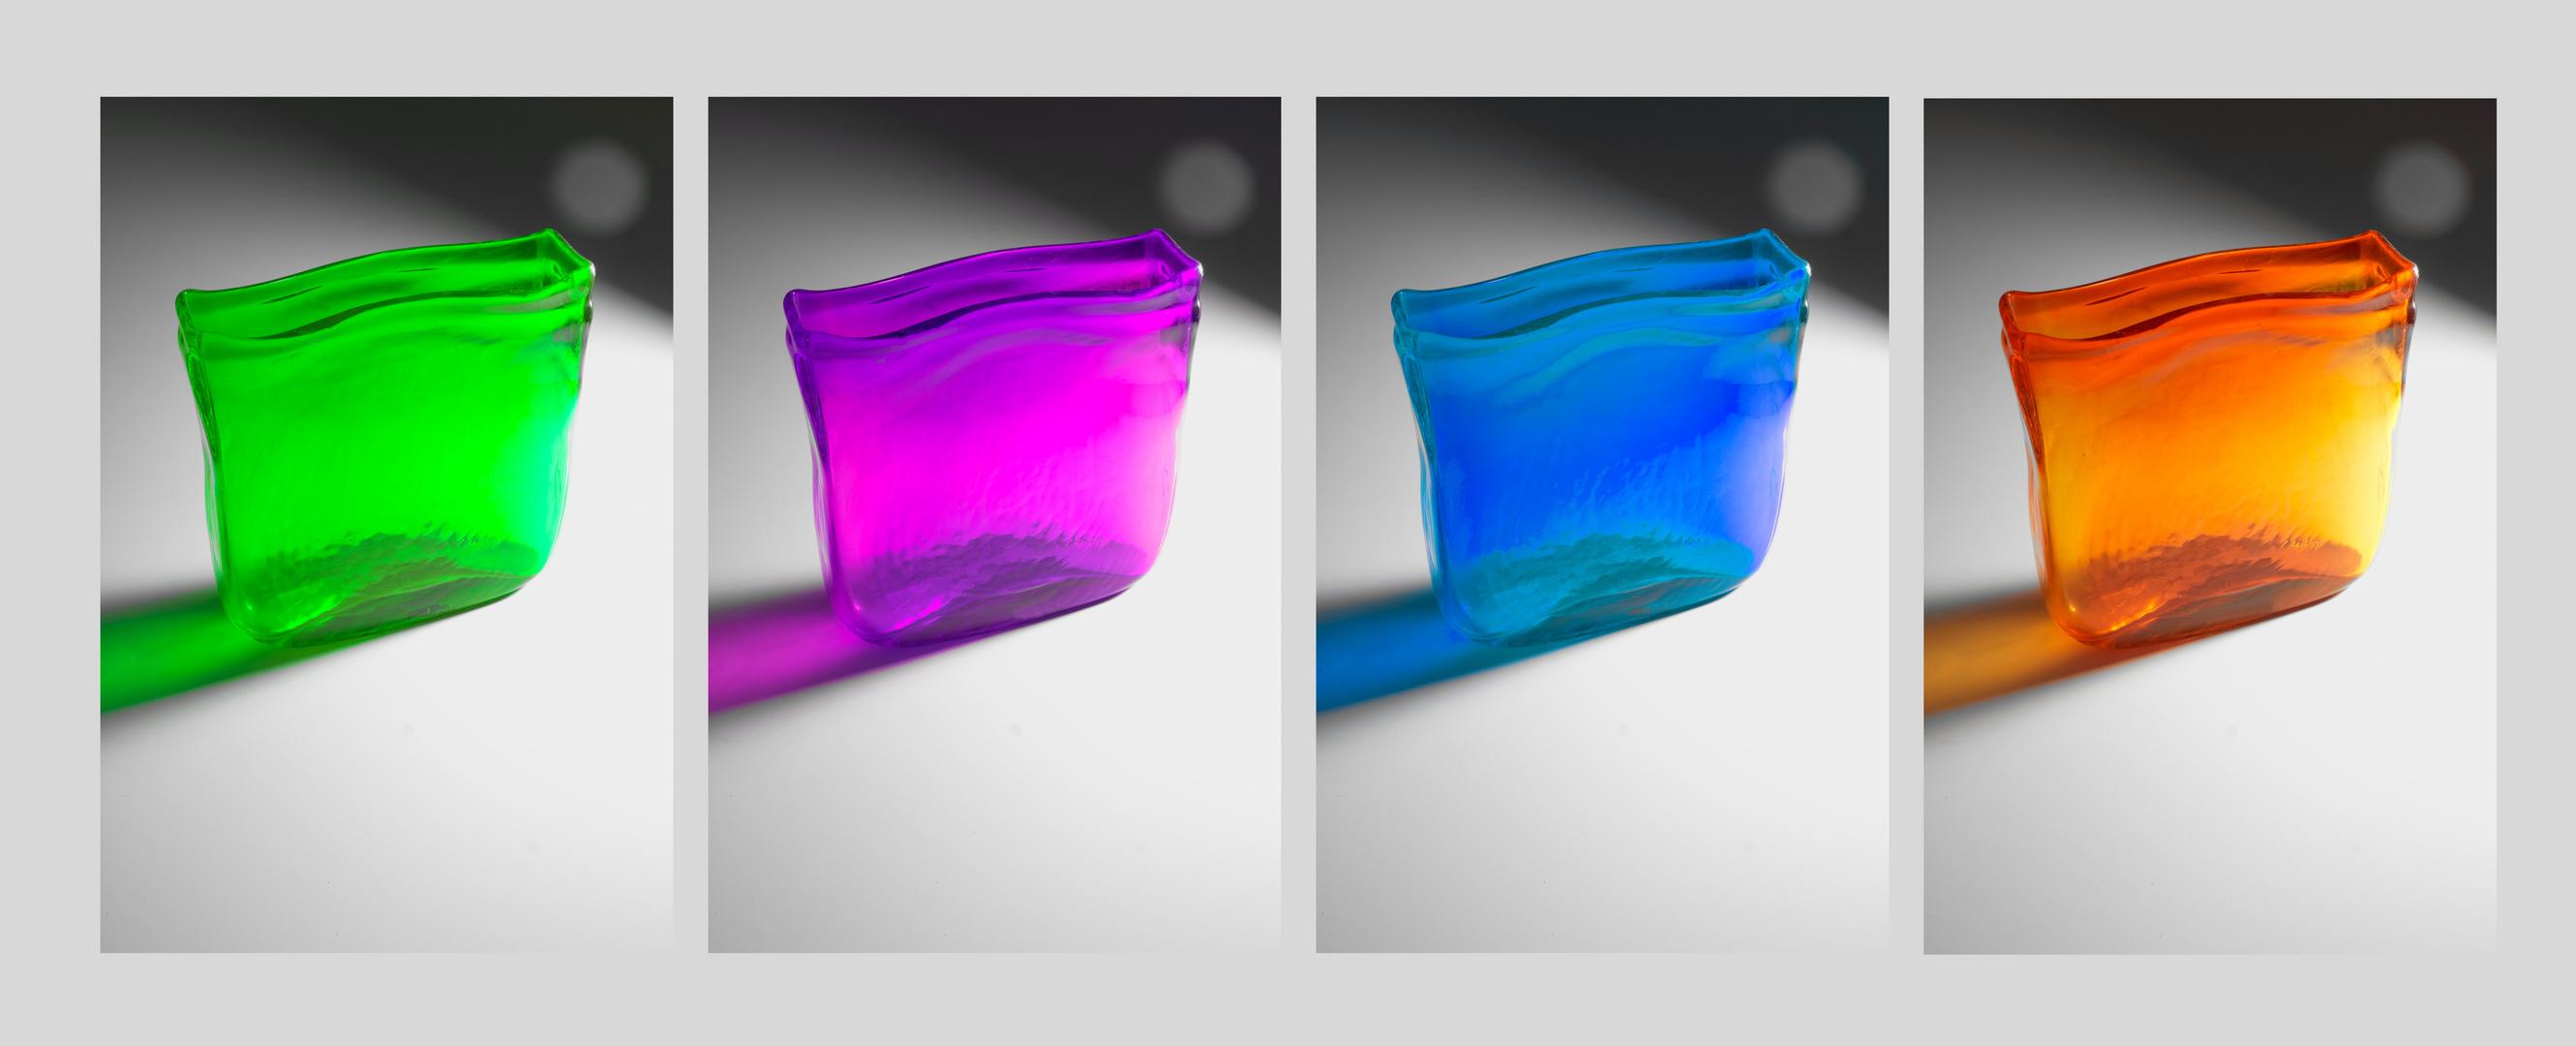 Variationen einer Vase